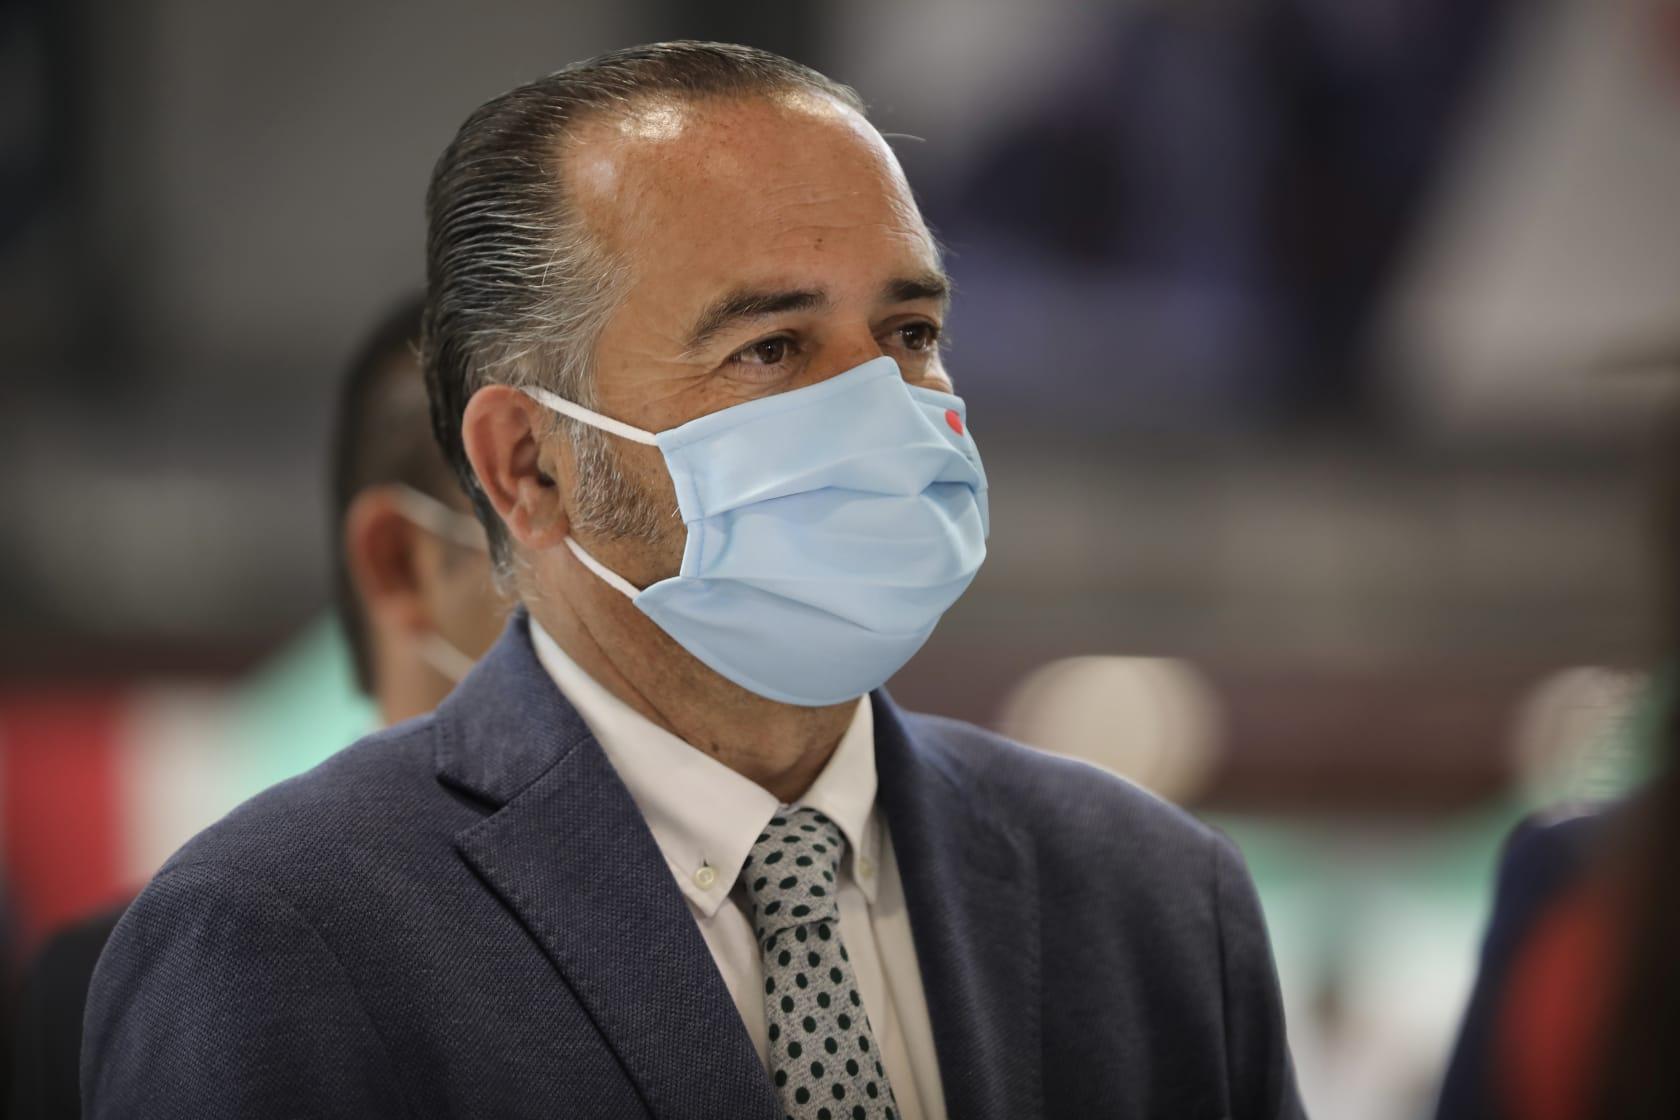 Gregorio denuncia el total colapso en las urgencias del Virgen de la Salud, con en torno a 60 personas esperando para ser ingresadas